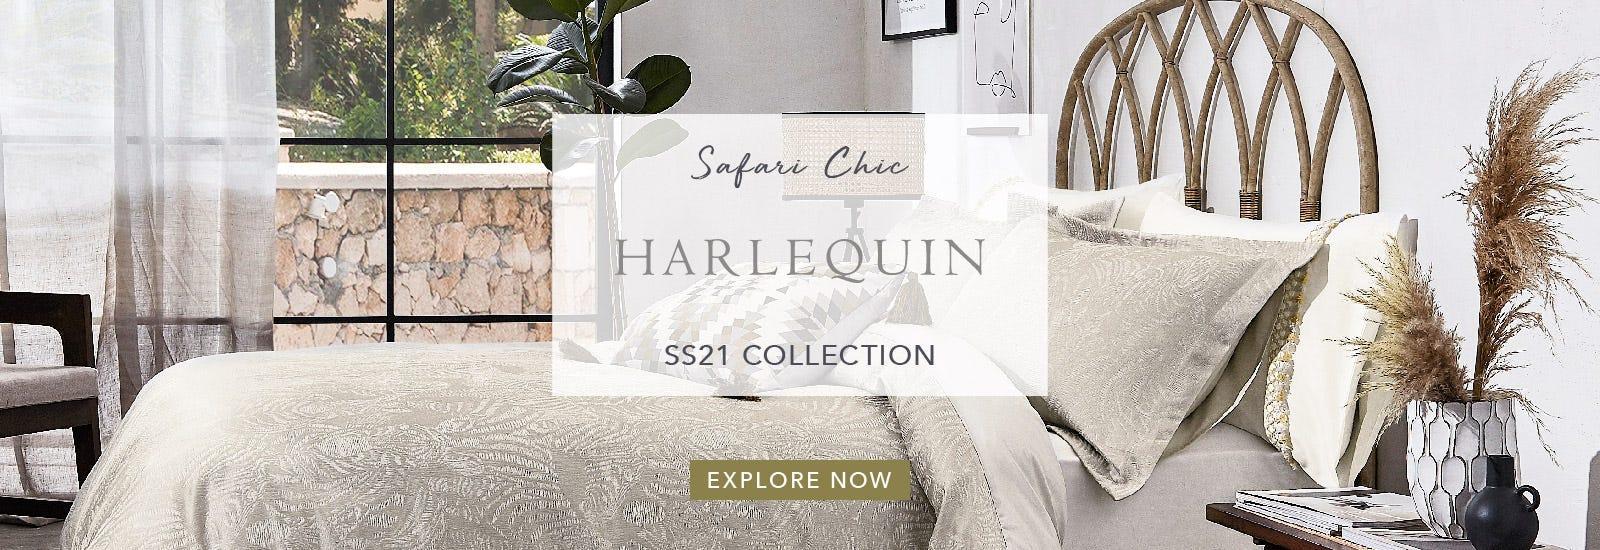 Shop Harlequin Bedding